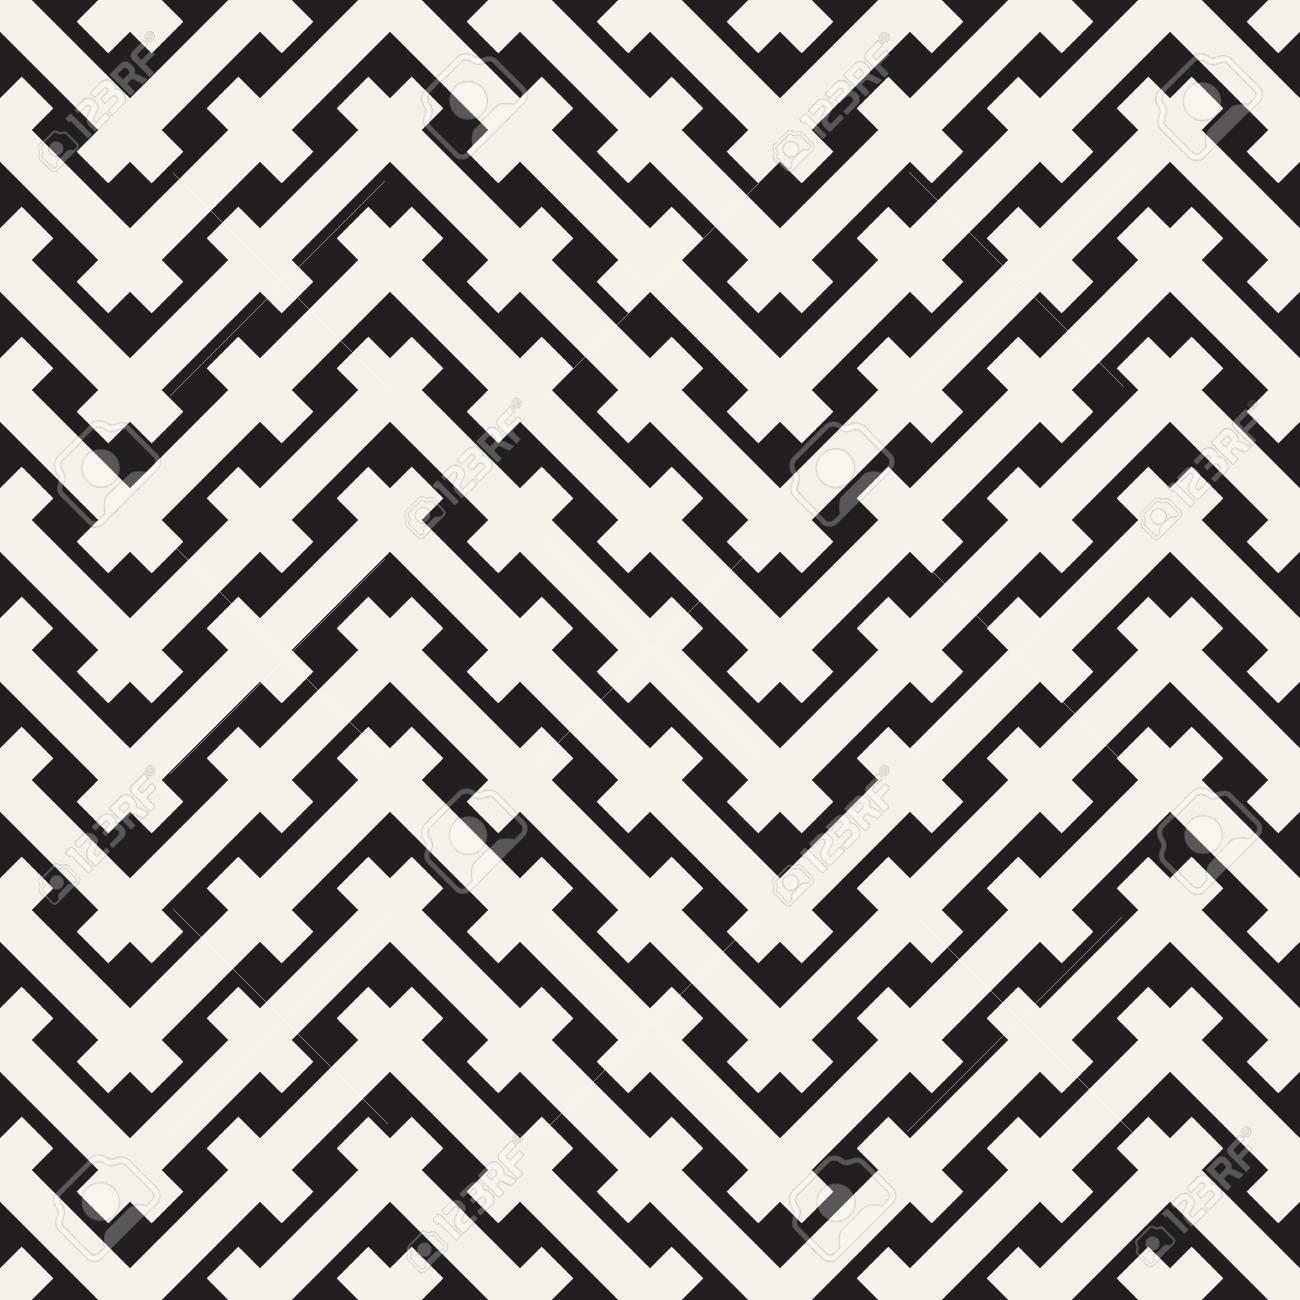 Moderno Patrón De Crochet Carenado Trenzado Ornamento - Coser Ideas ...